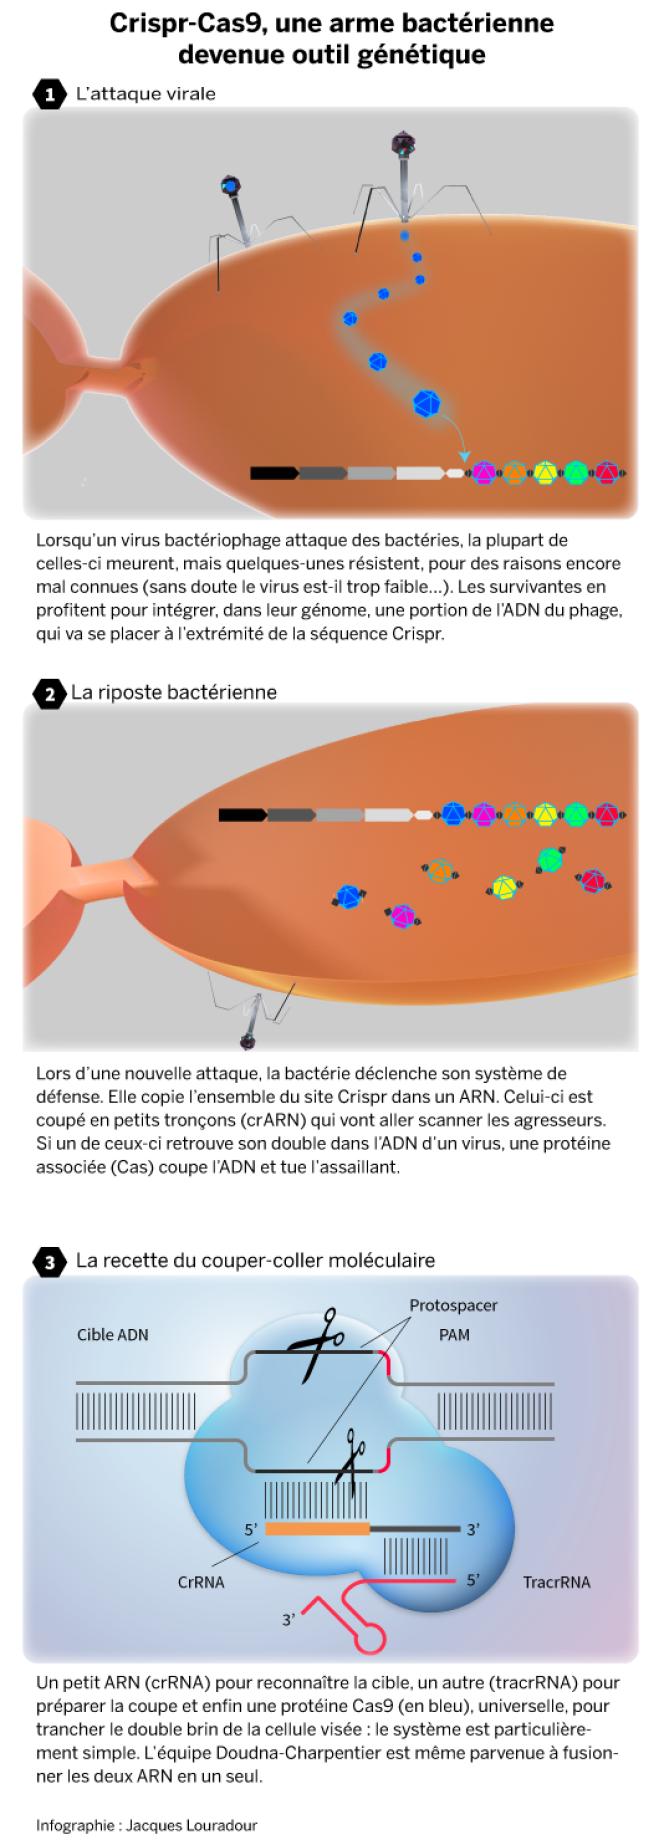 Infographie: Crispr-Cas9, arme bactérienne devenue outil génétique